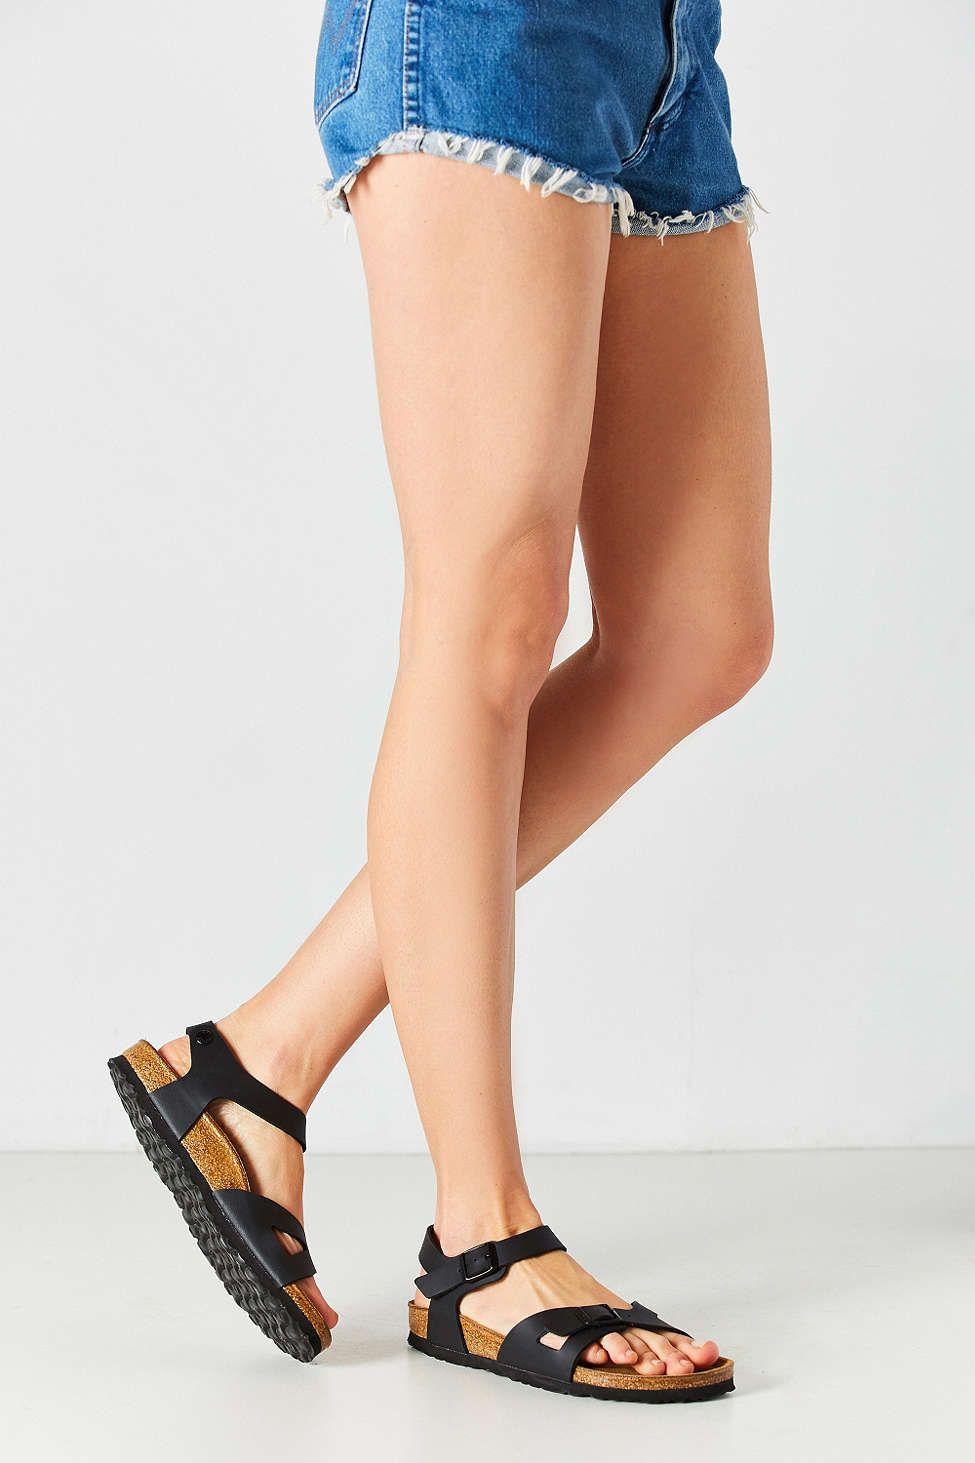 Birkenstock Rio Quarter Strap Sandal Strap Sandals Birkenstock Ankle Wrap Sandals